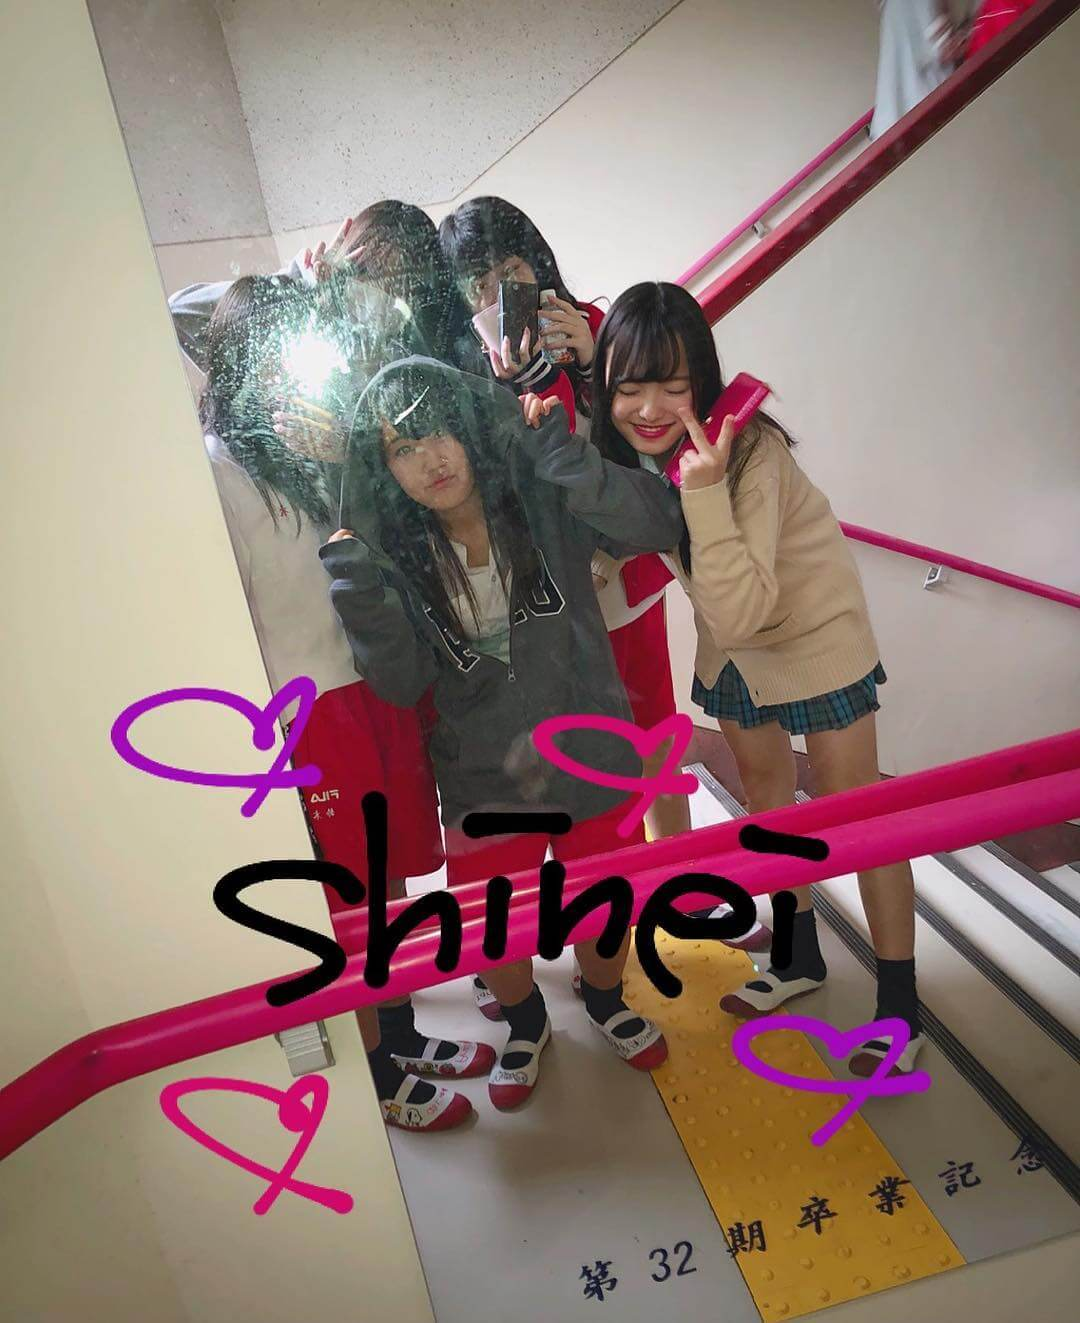 【画像】新栄JKの在校生同士で盗撮が流行ってるらしいけどSNSに写真いっぱいやん